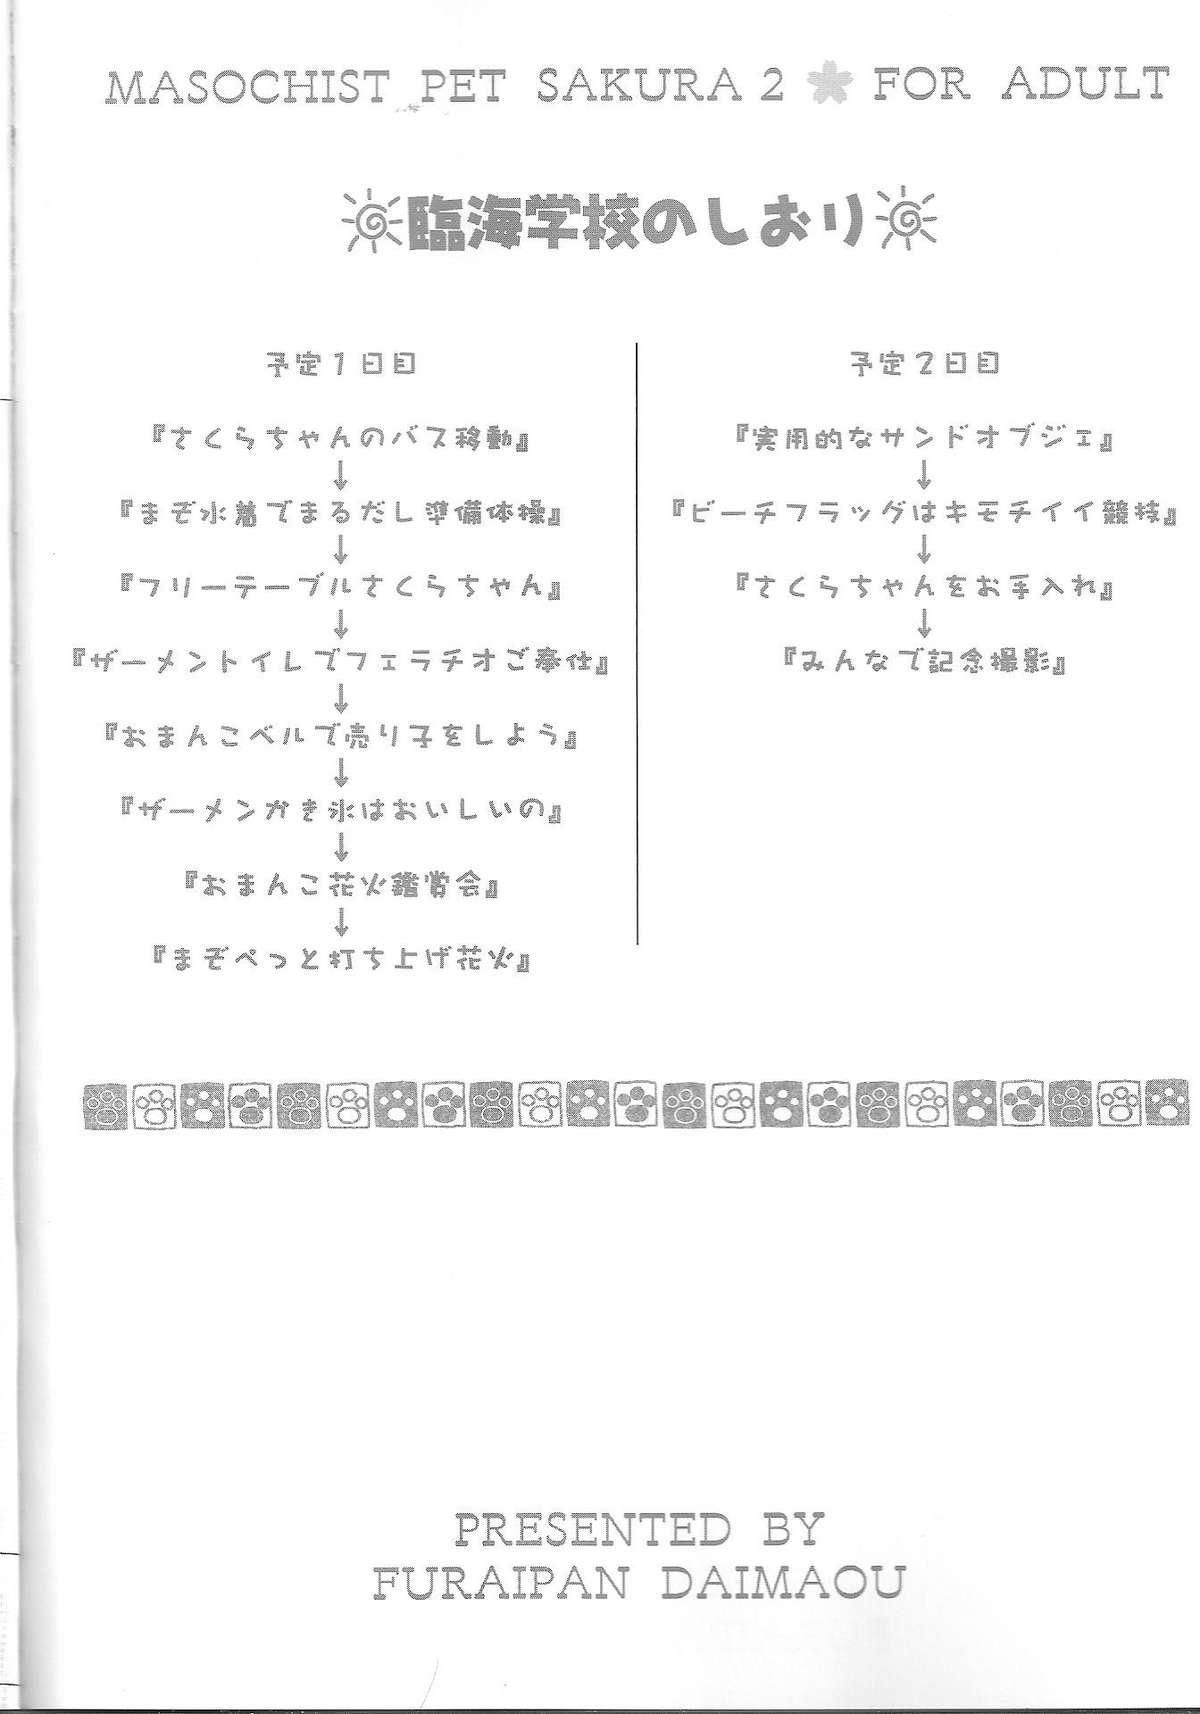 Masochist Pet Sakura 2 2